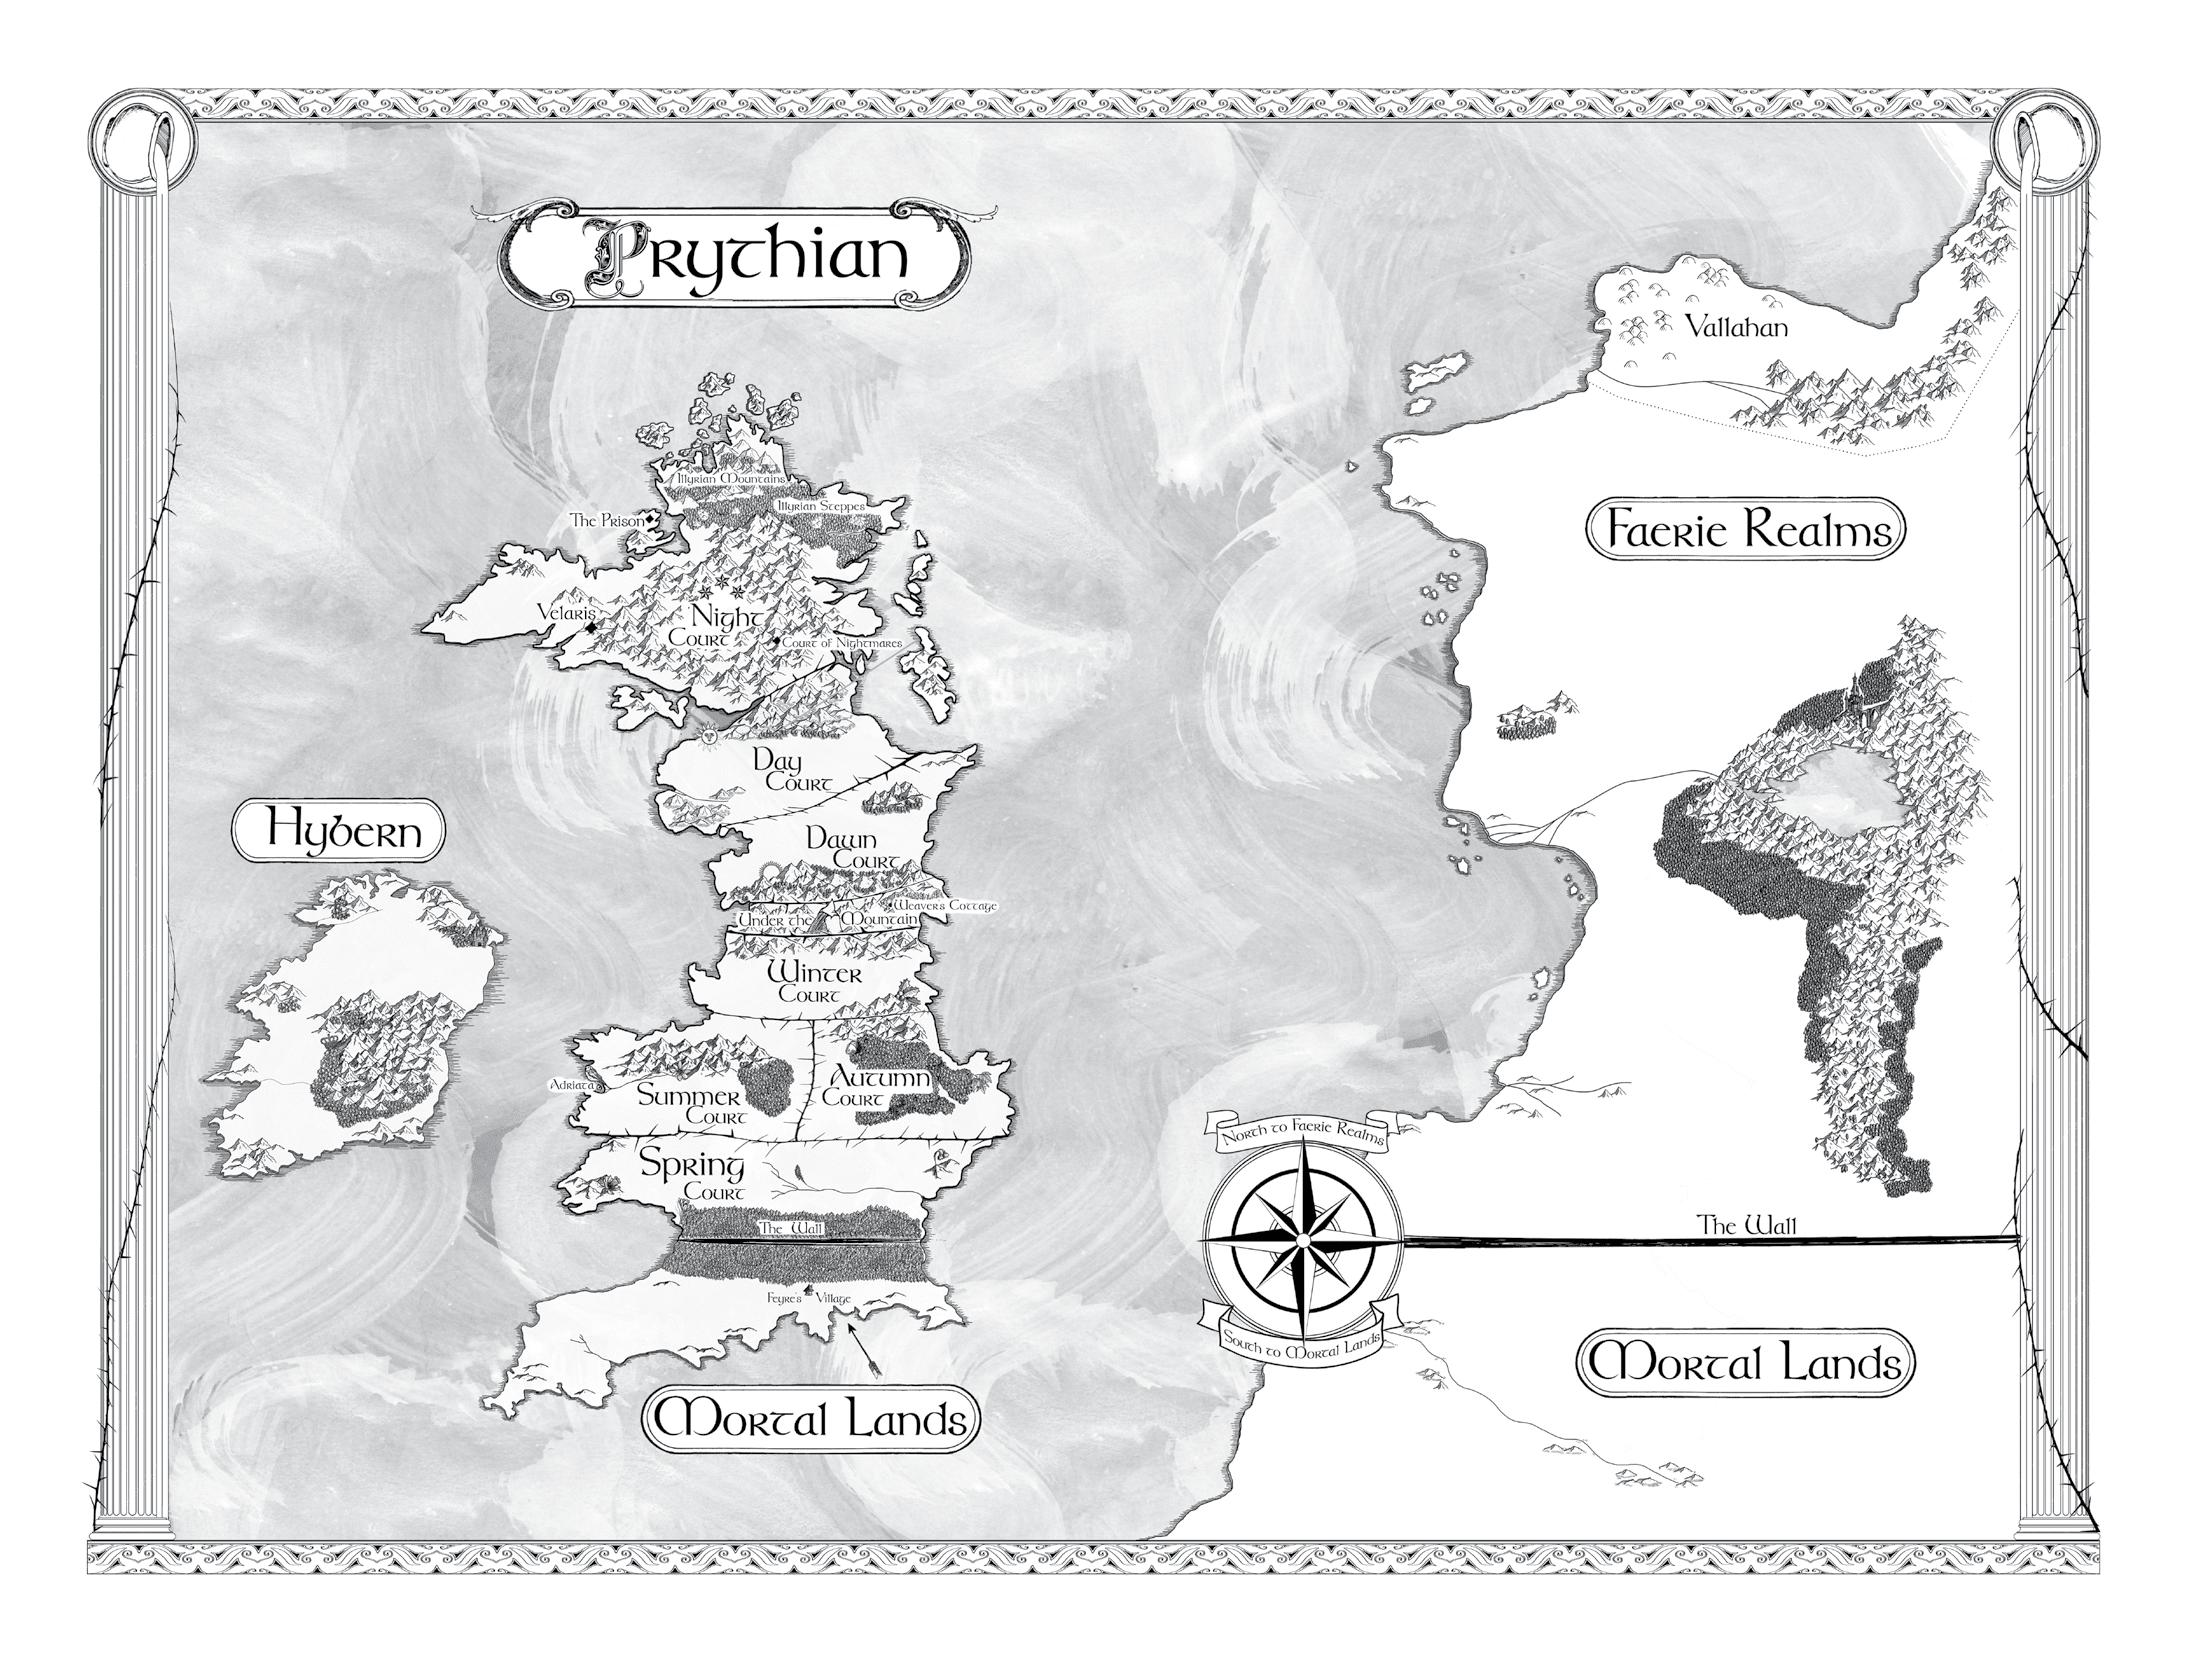 Mapa de Prythian